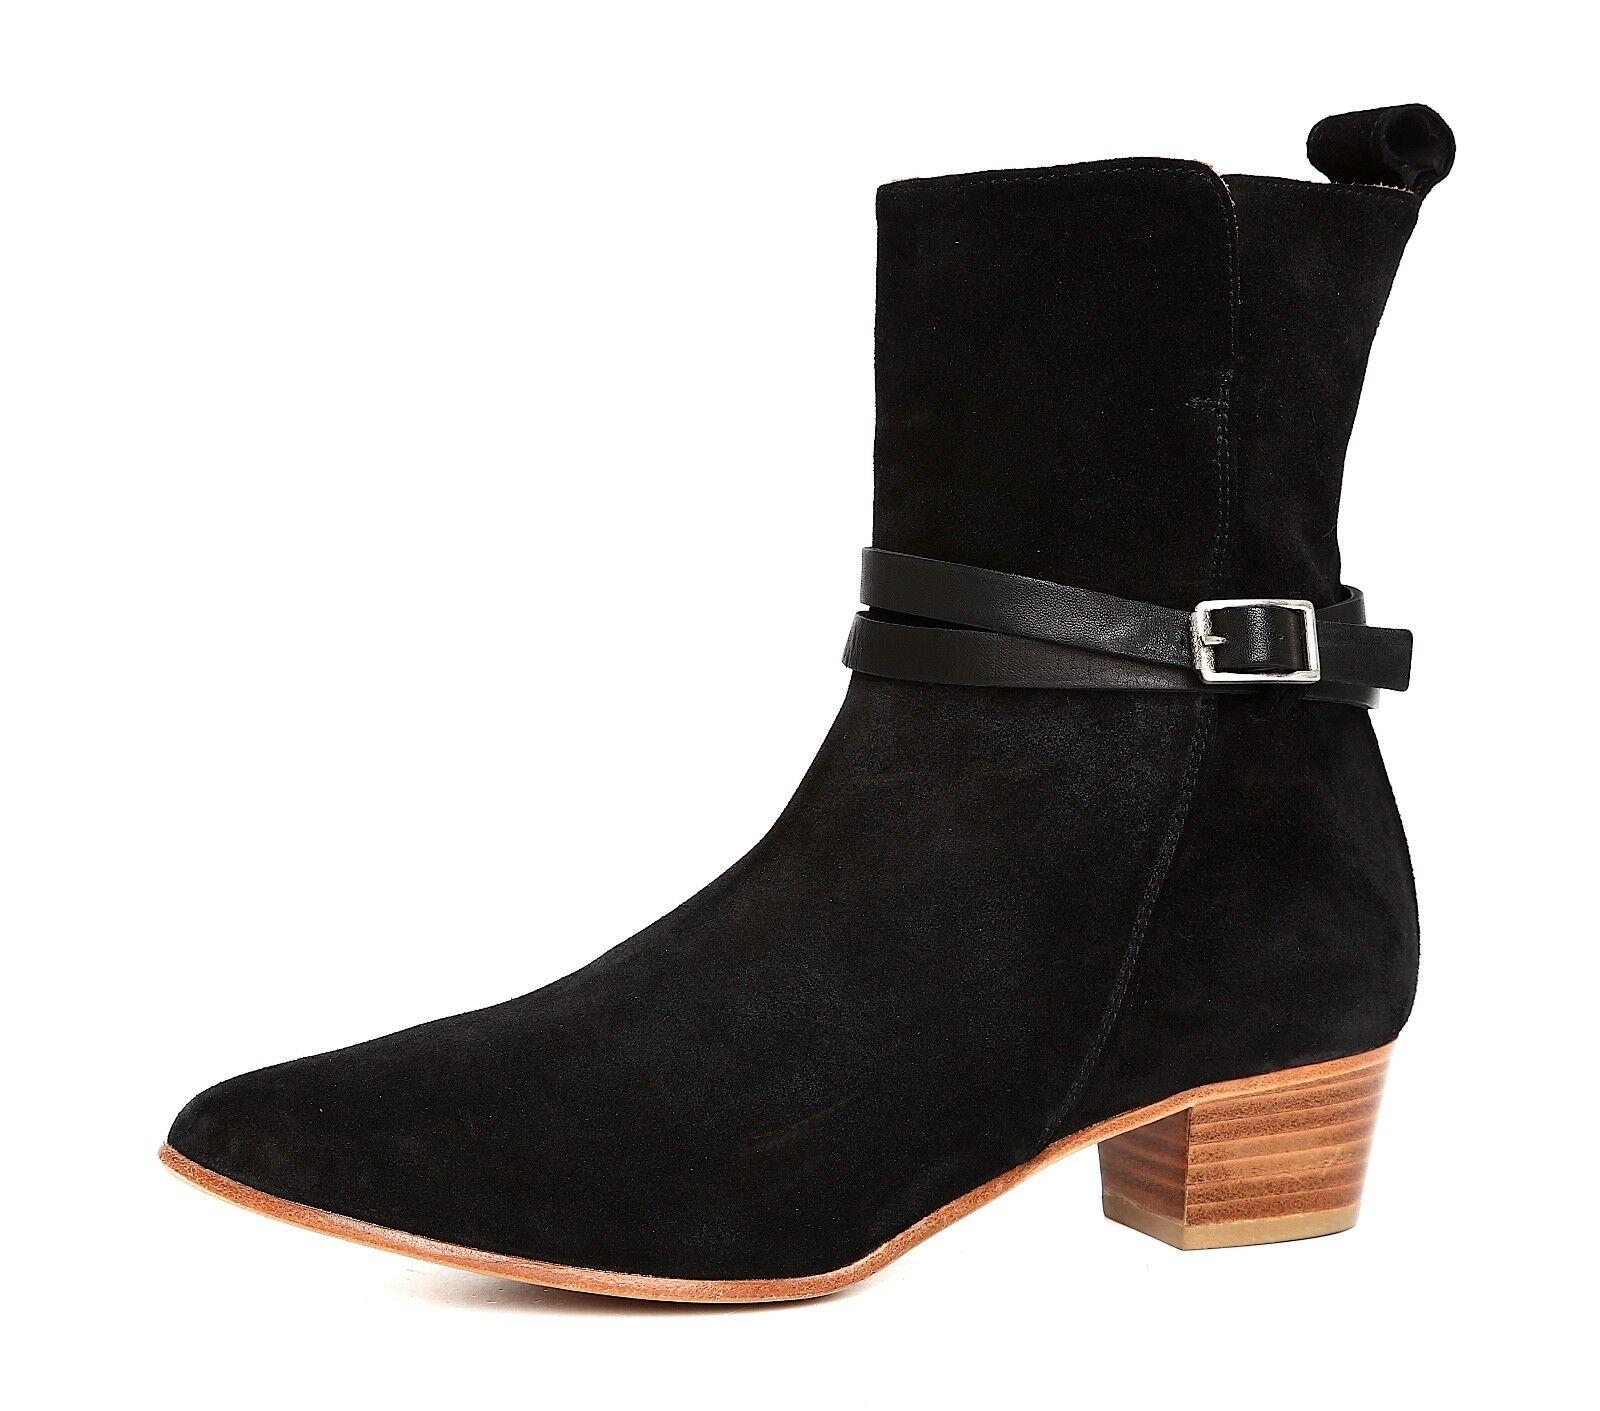 Alberto Fermani Side Zip Pointed Toe Suede Bootie Black Women Sz 38.5 EUR 5739